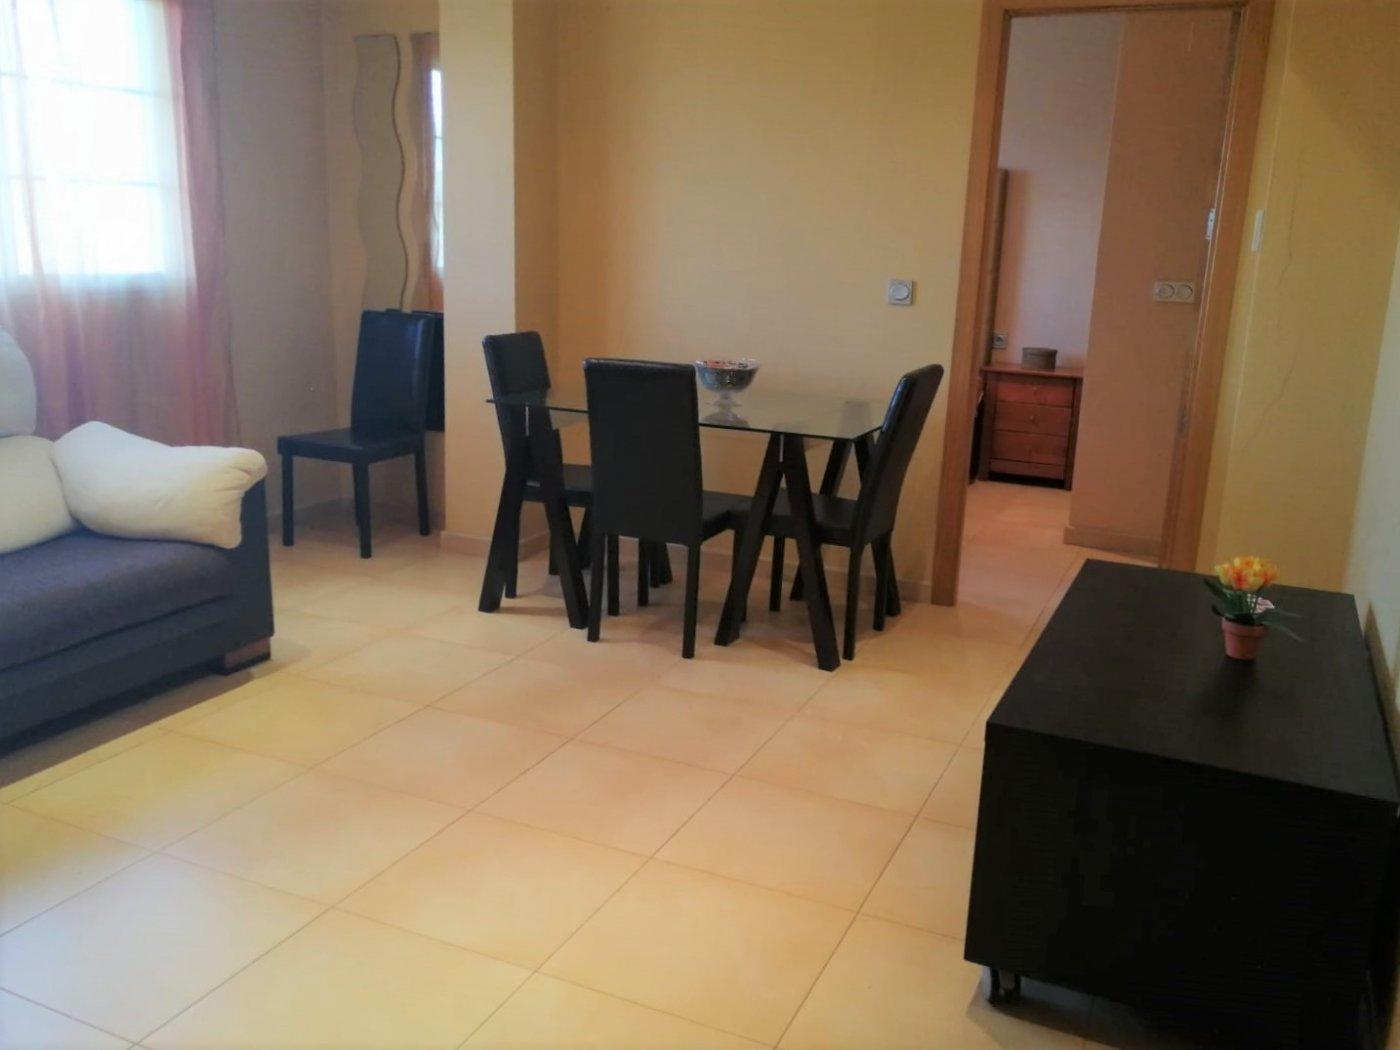 Apartamento · Murcia · El Palmar 69.000€€